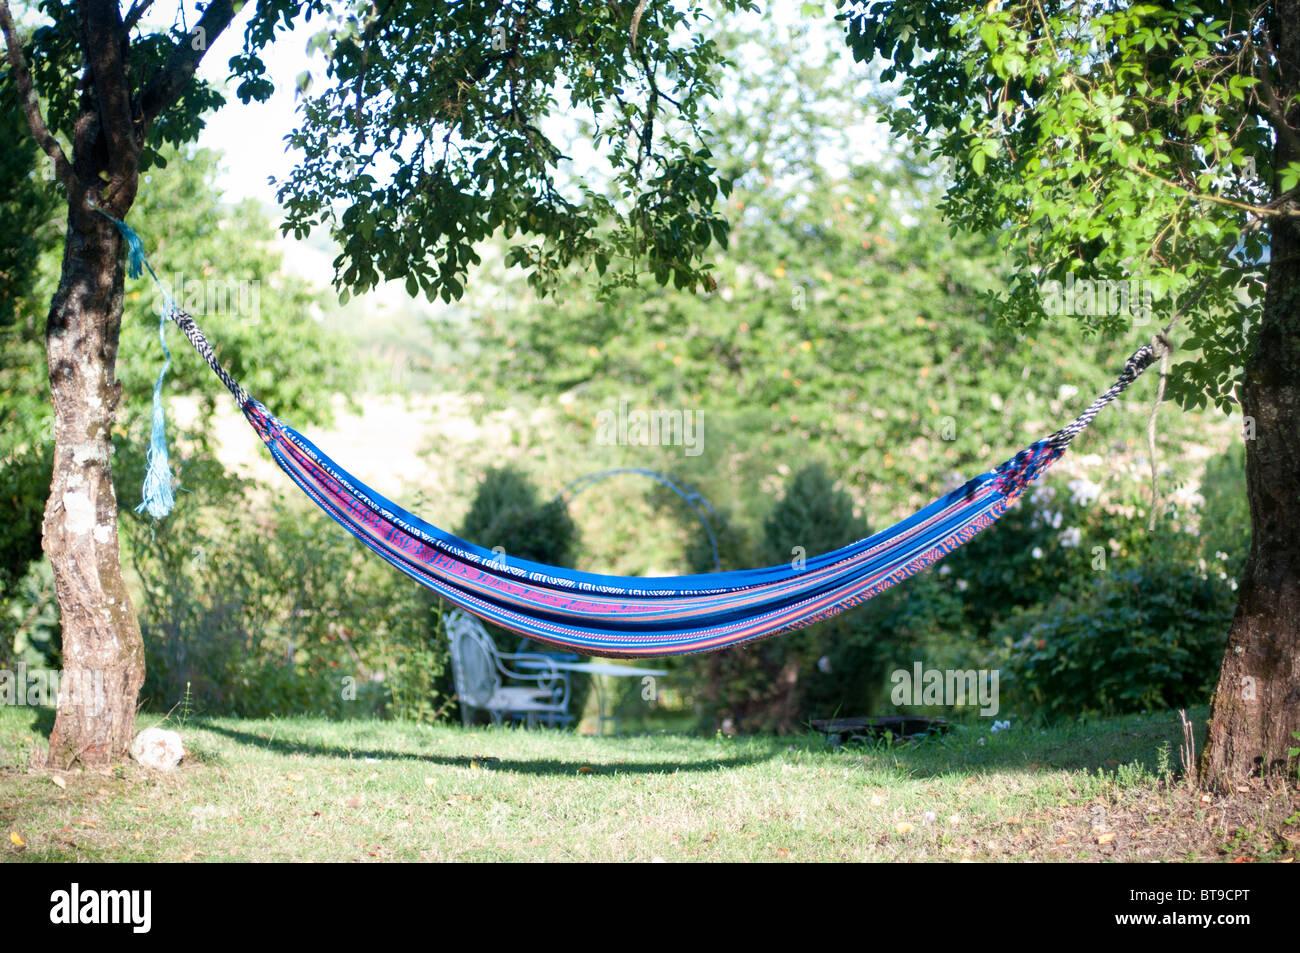 a hammock between two